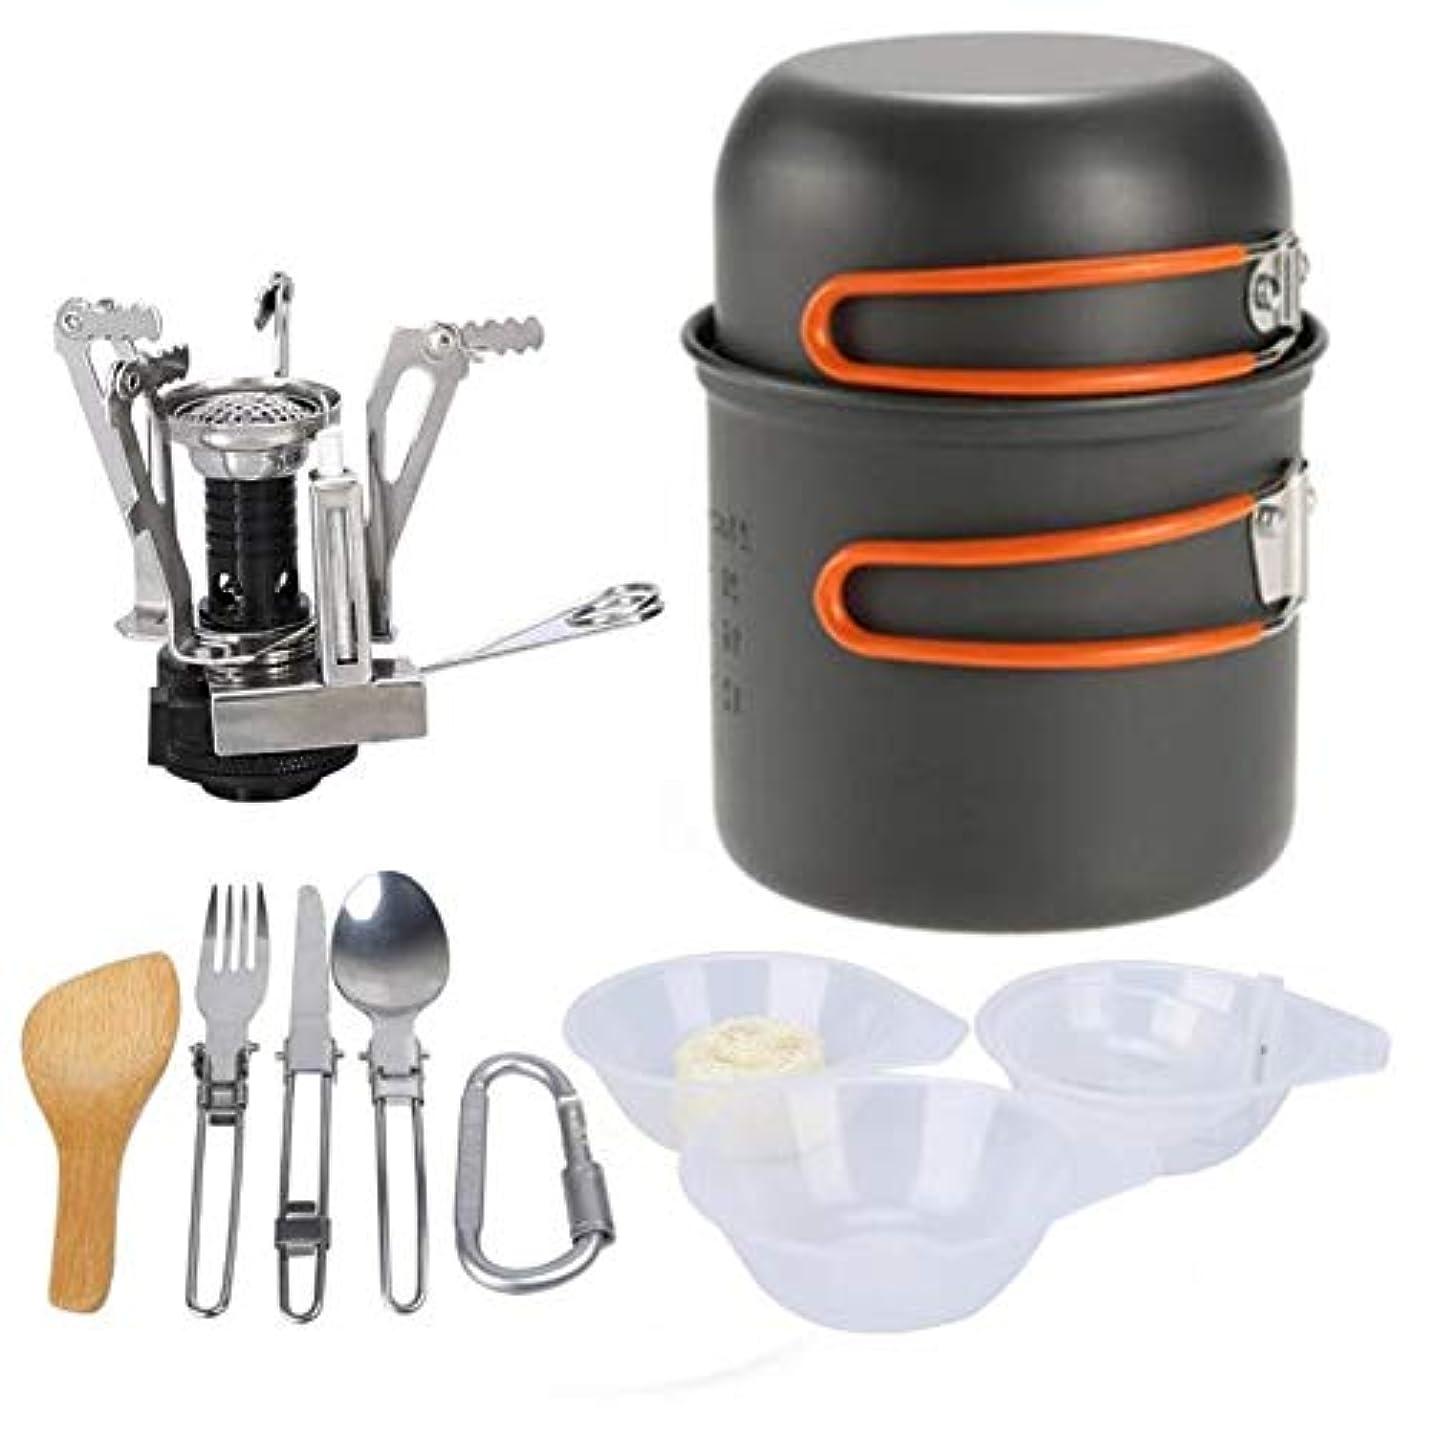 理想的にはドール素子超軽量キャンプ調理器具調理器具アウトドア食器セットハイキングピクニックバックパッキングキャンプ食器ポットパン1-2人